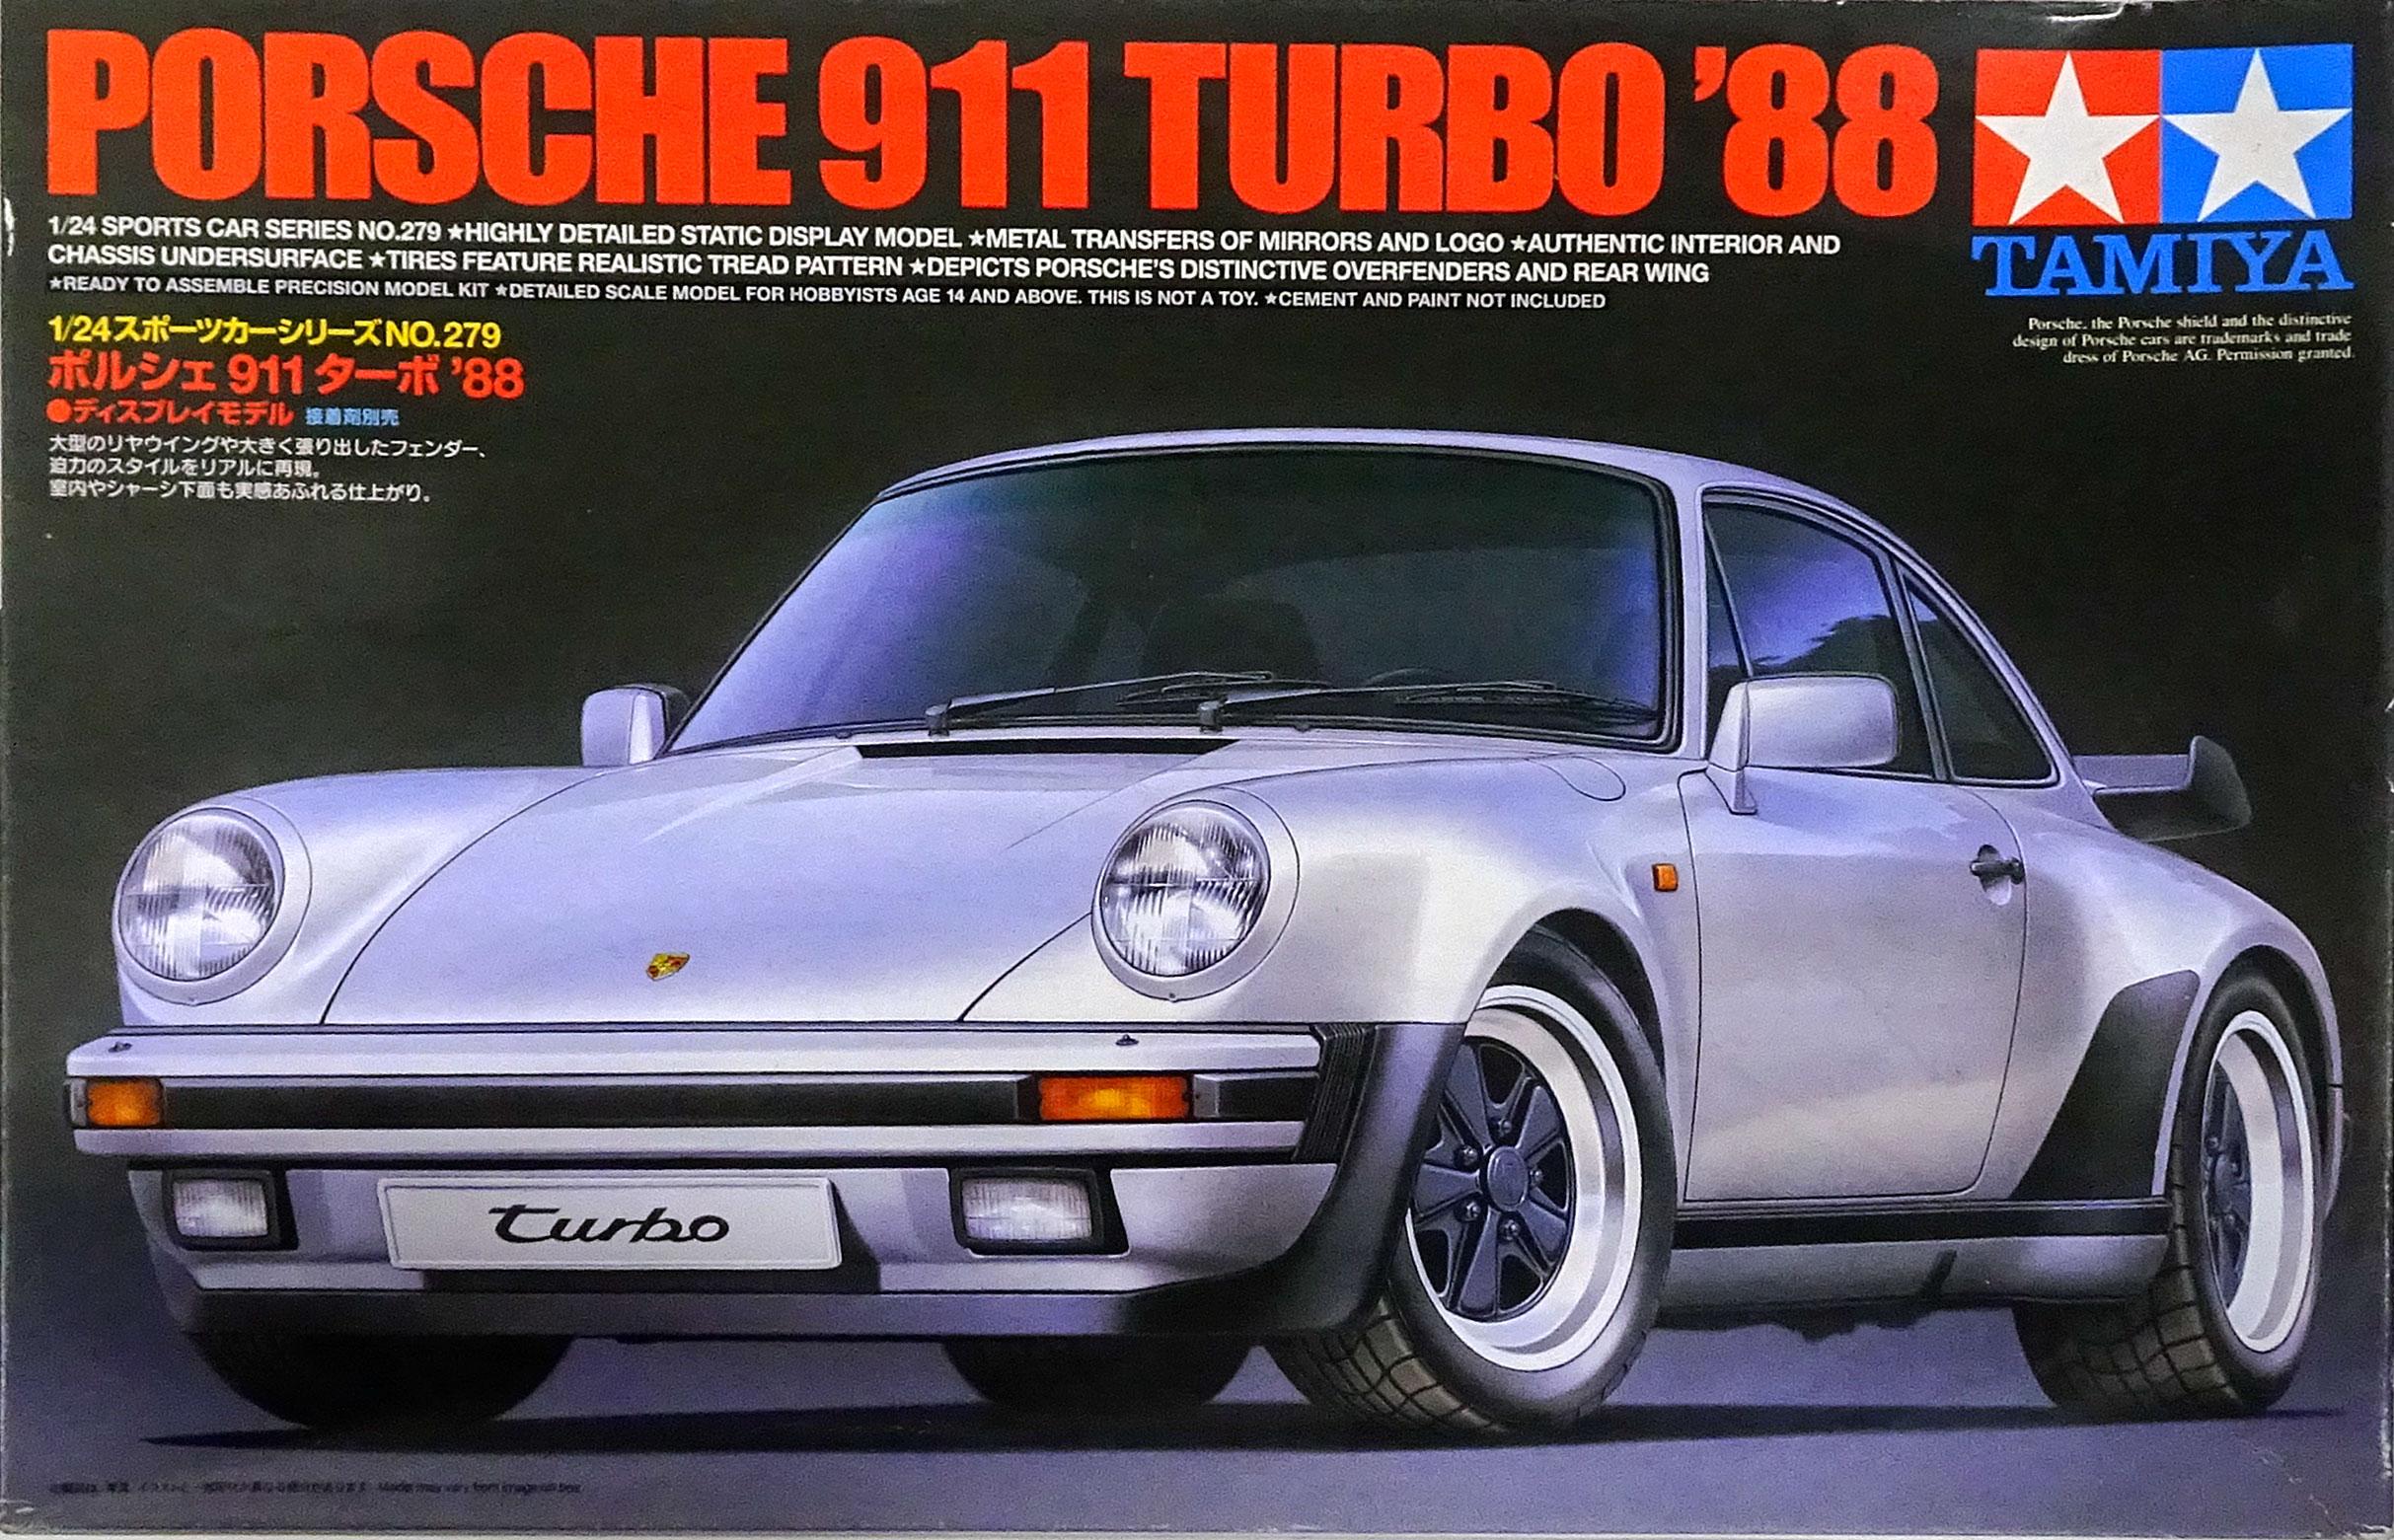 ポルシェ・911ターボ '88 1/24 タミヤ